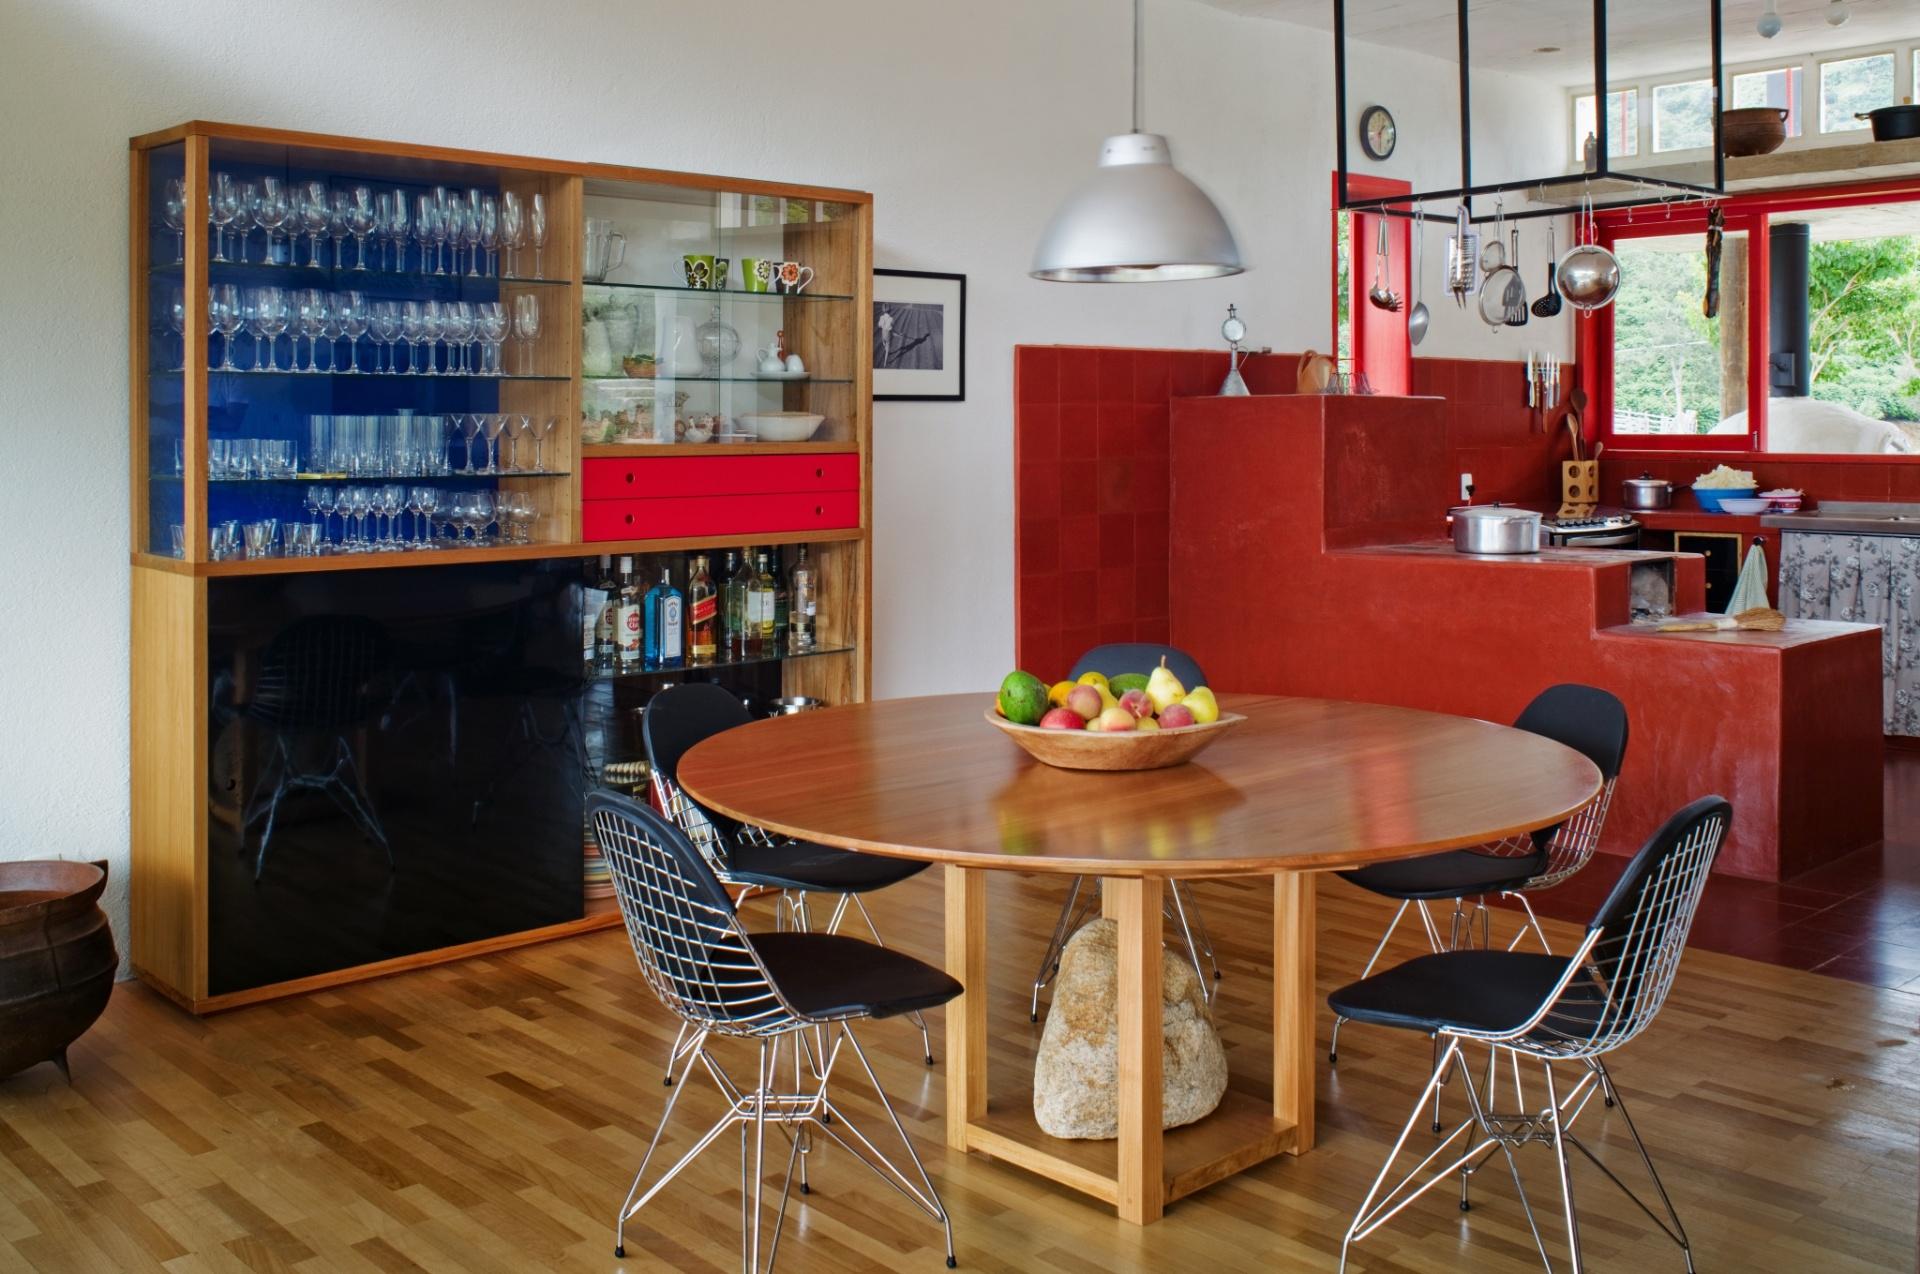 de cozinha pendurados cristaleira e fogão a lenha. A casa Dom #B71426 1920 1274